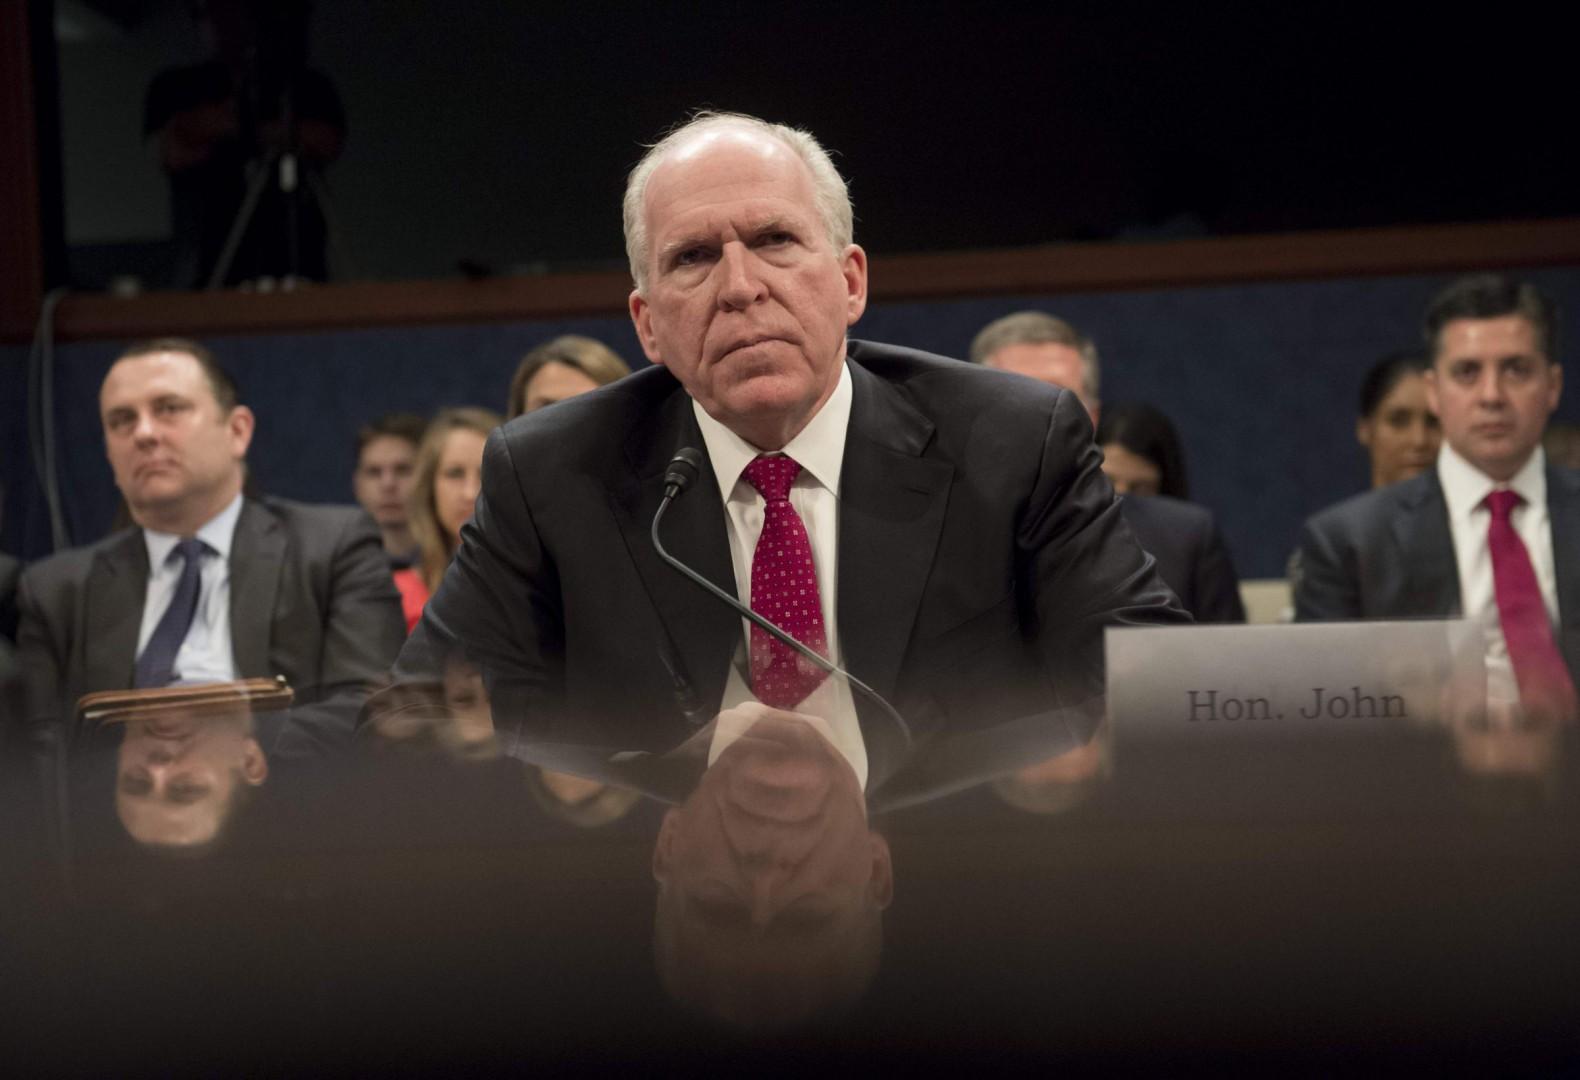 L'ex capo della Cia John Brennan (LaPresse)